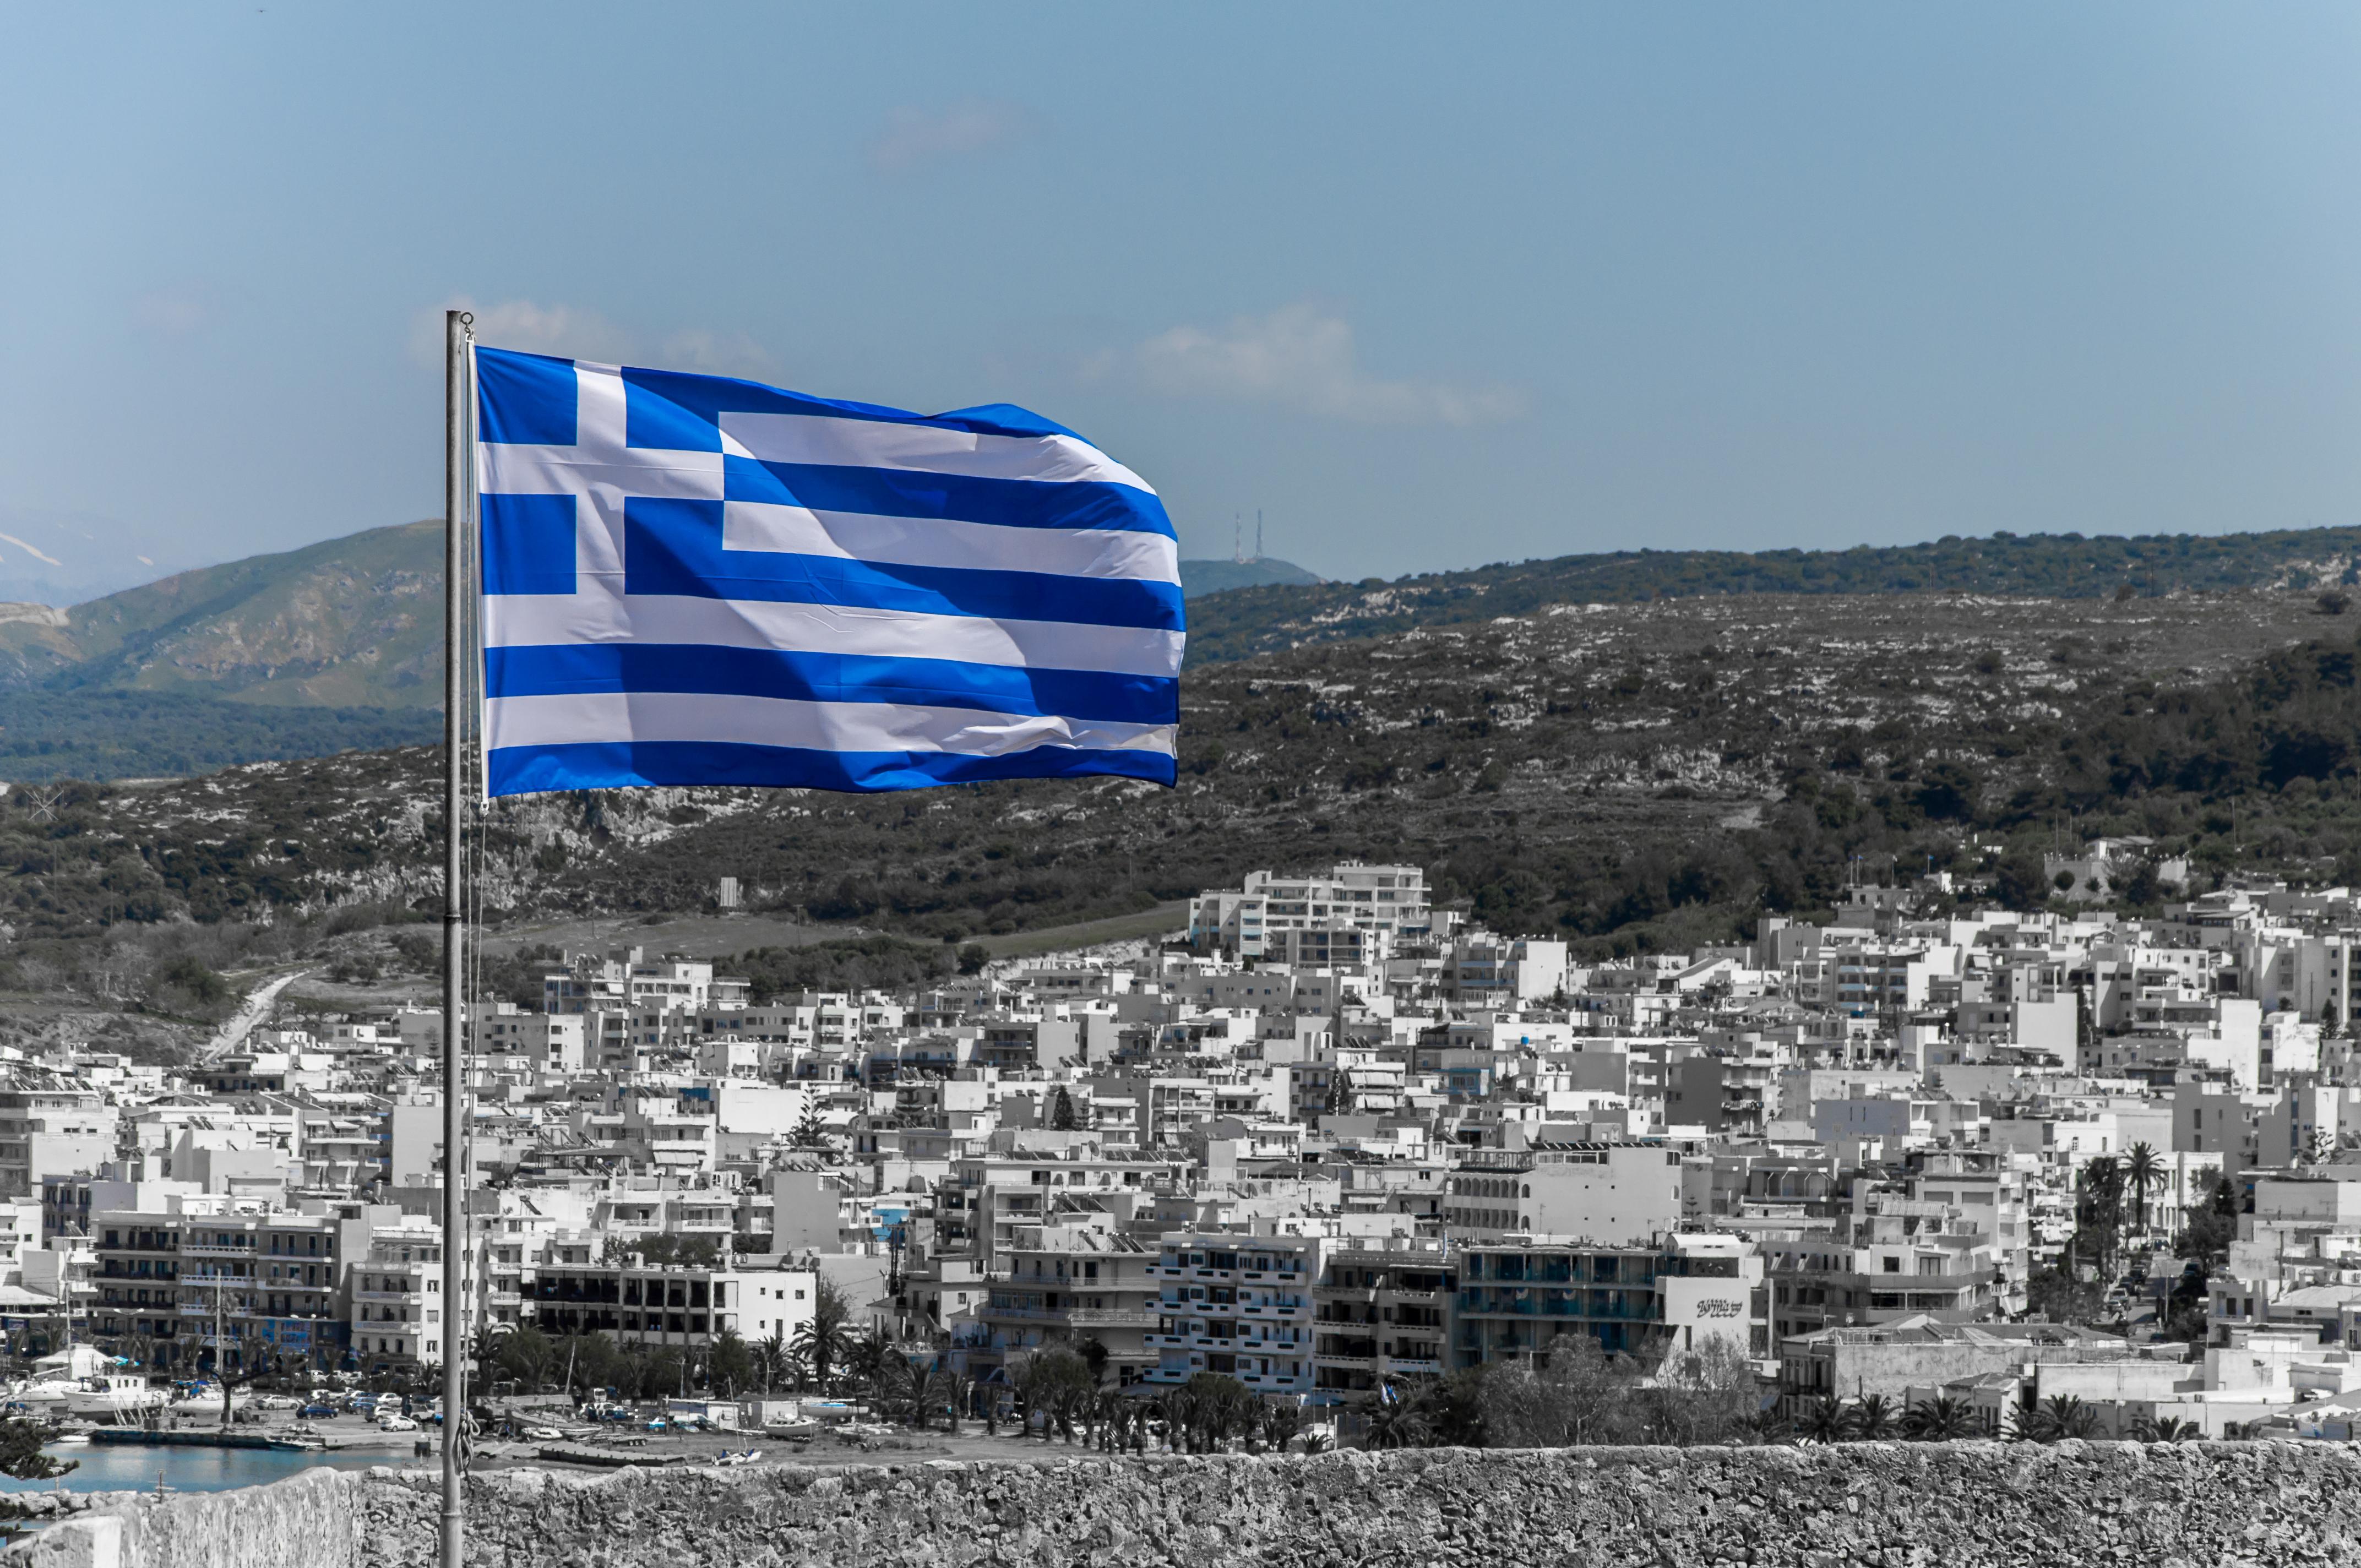 Am Umgang mit Griechenland wird sich erweisen, ob die EU Bestand haben wird; Foto. Gerd Fischer via Pixelio.de